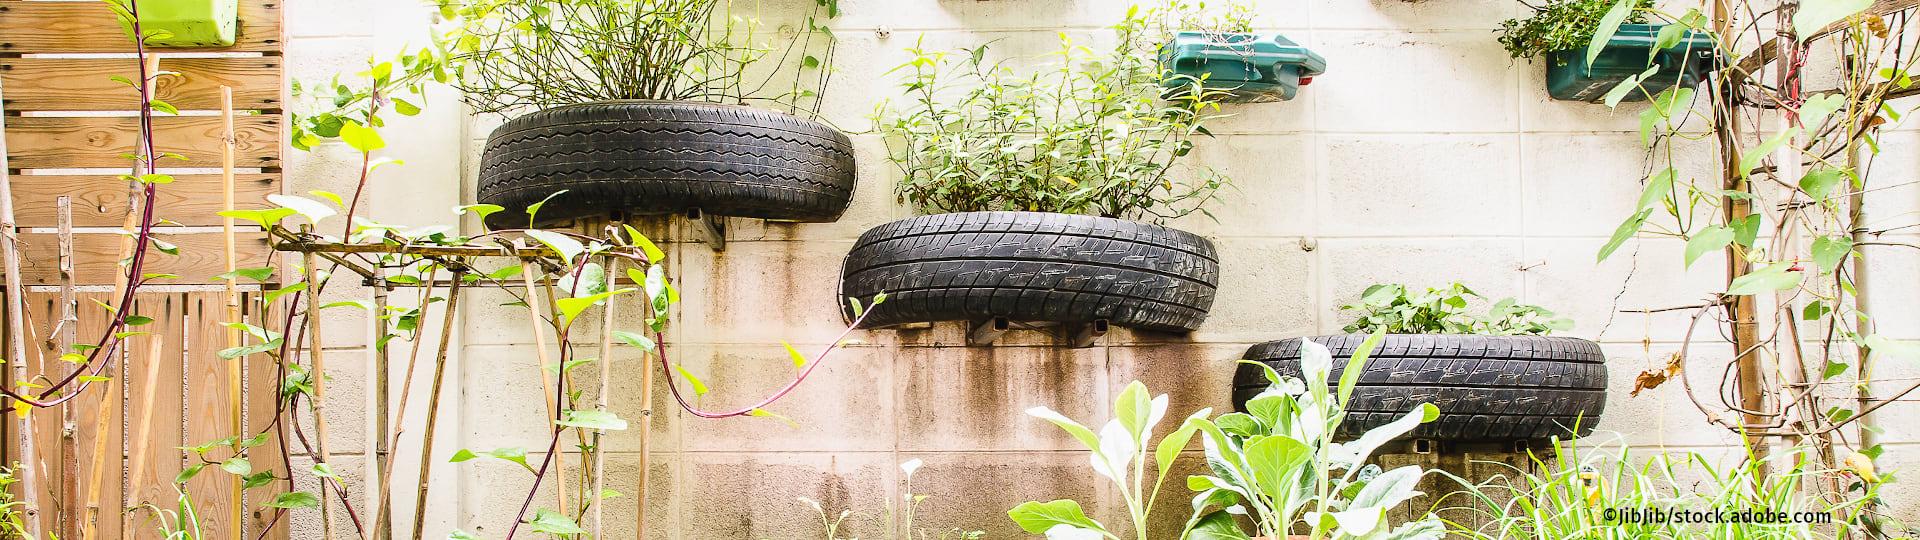 Autoreifen und Benzinkanister als Pflanzenbeete – ein Symbol für Postwachstum